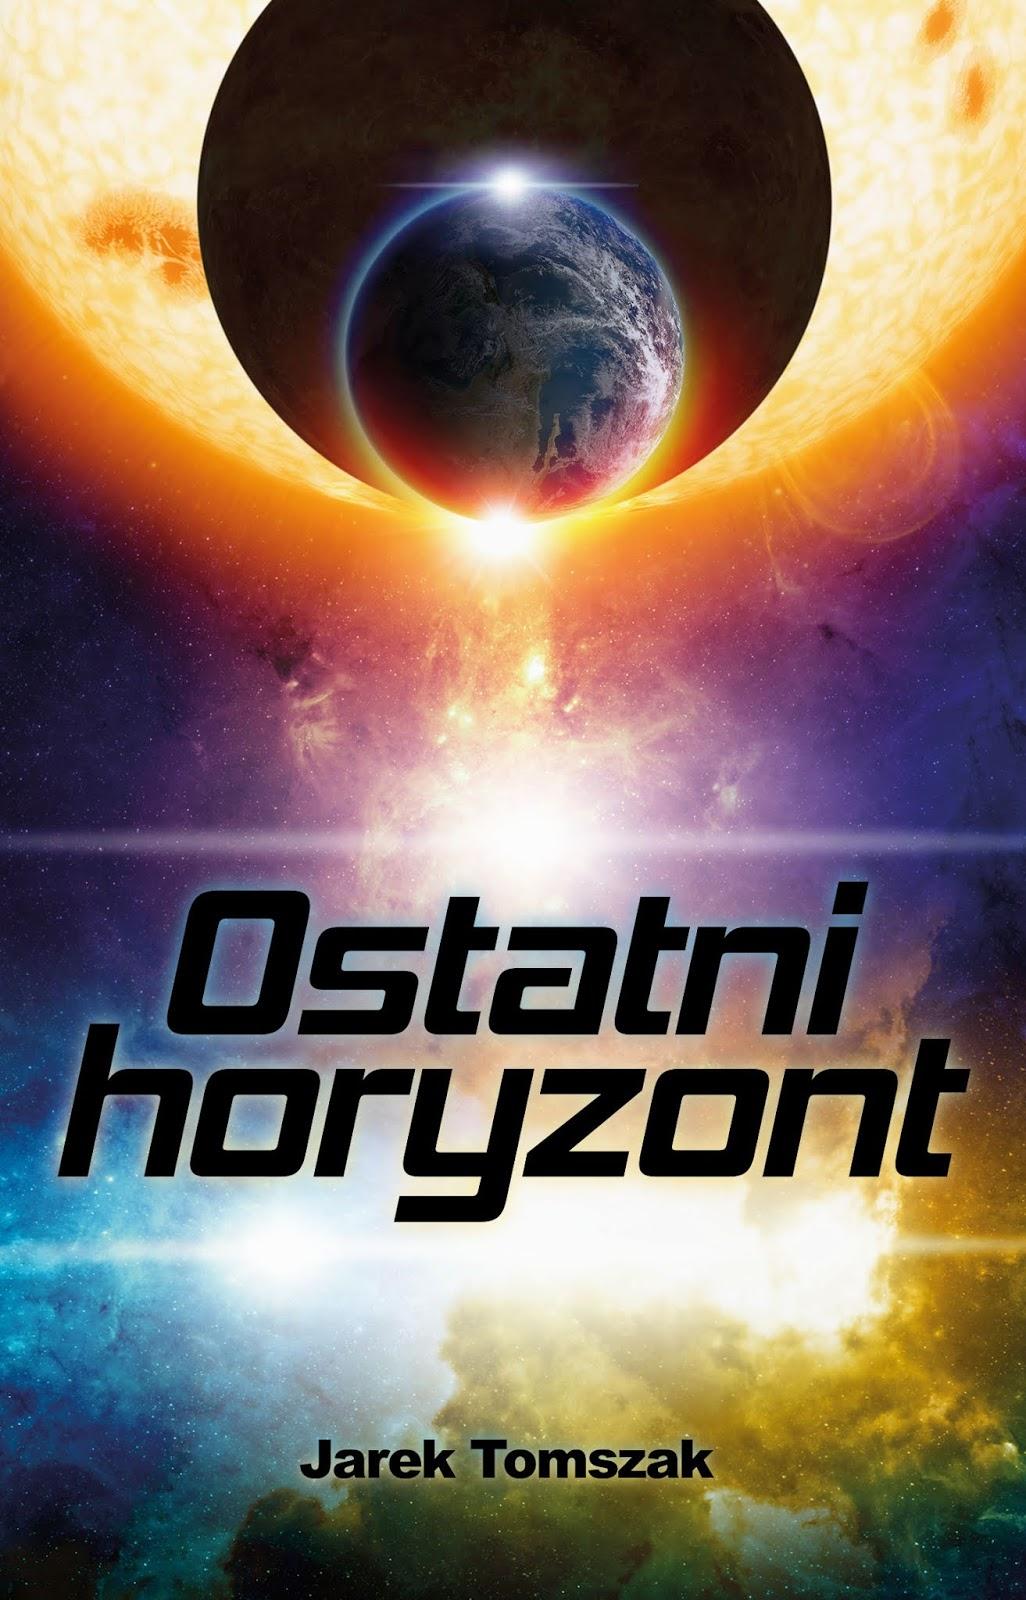 Ostatni horyzont - Jarek Tomszak książka okładka przód